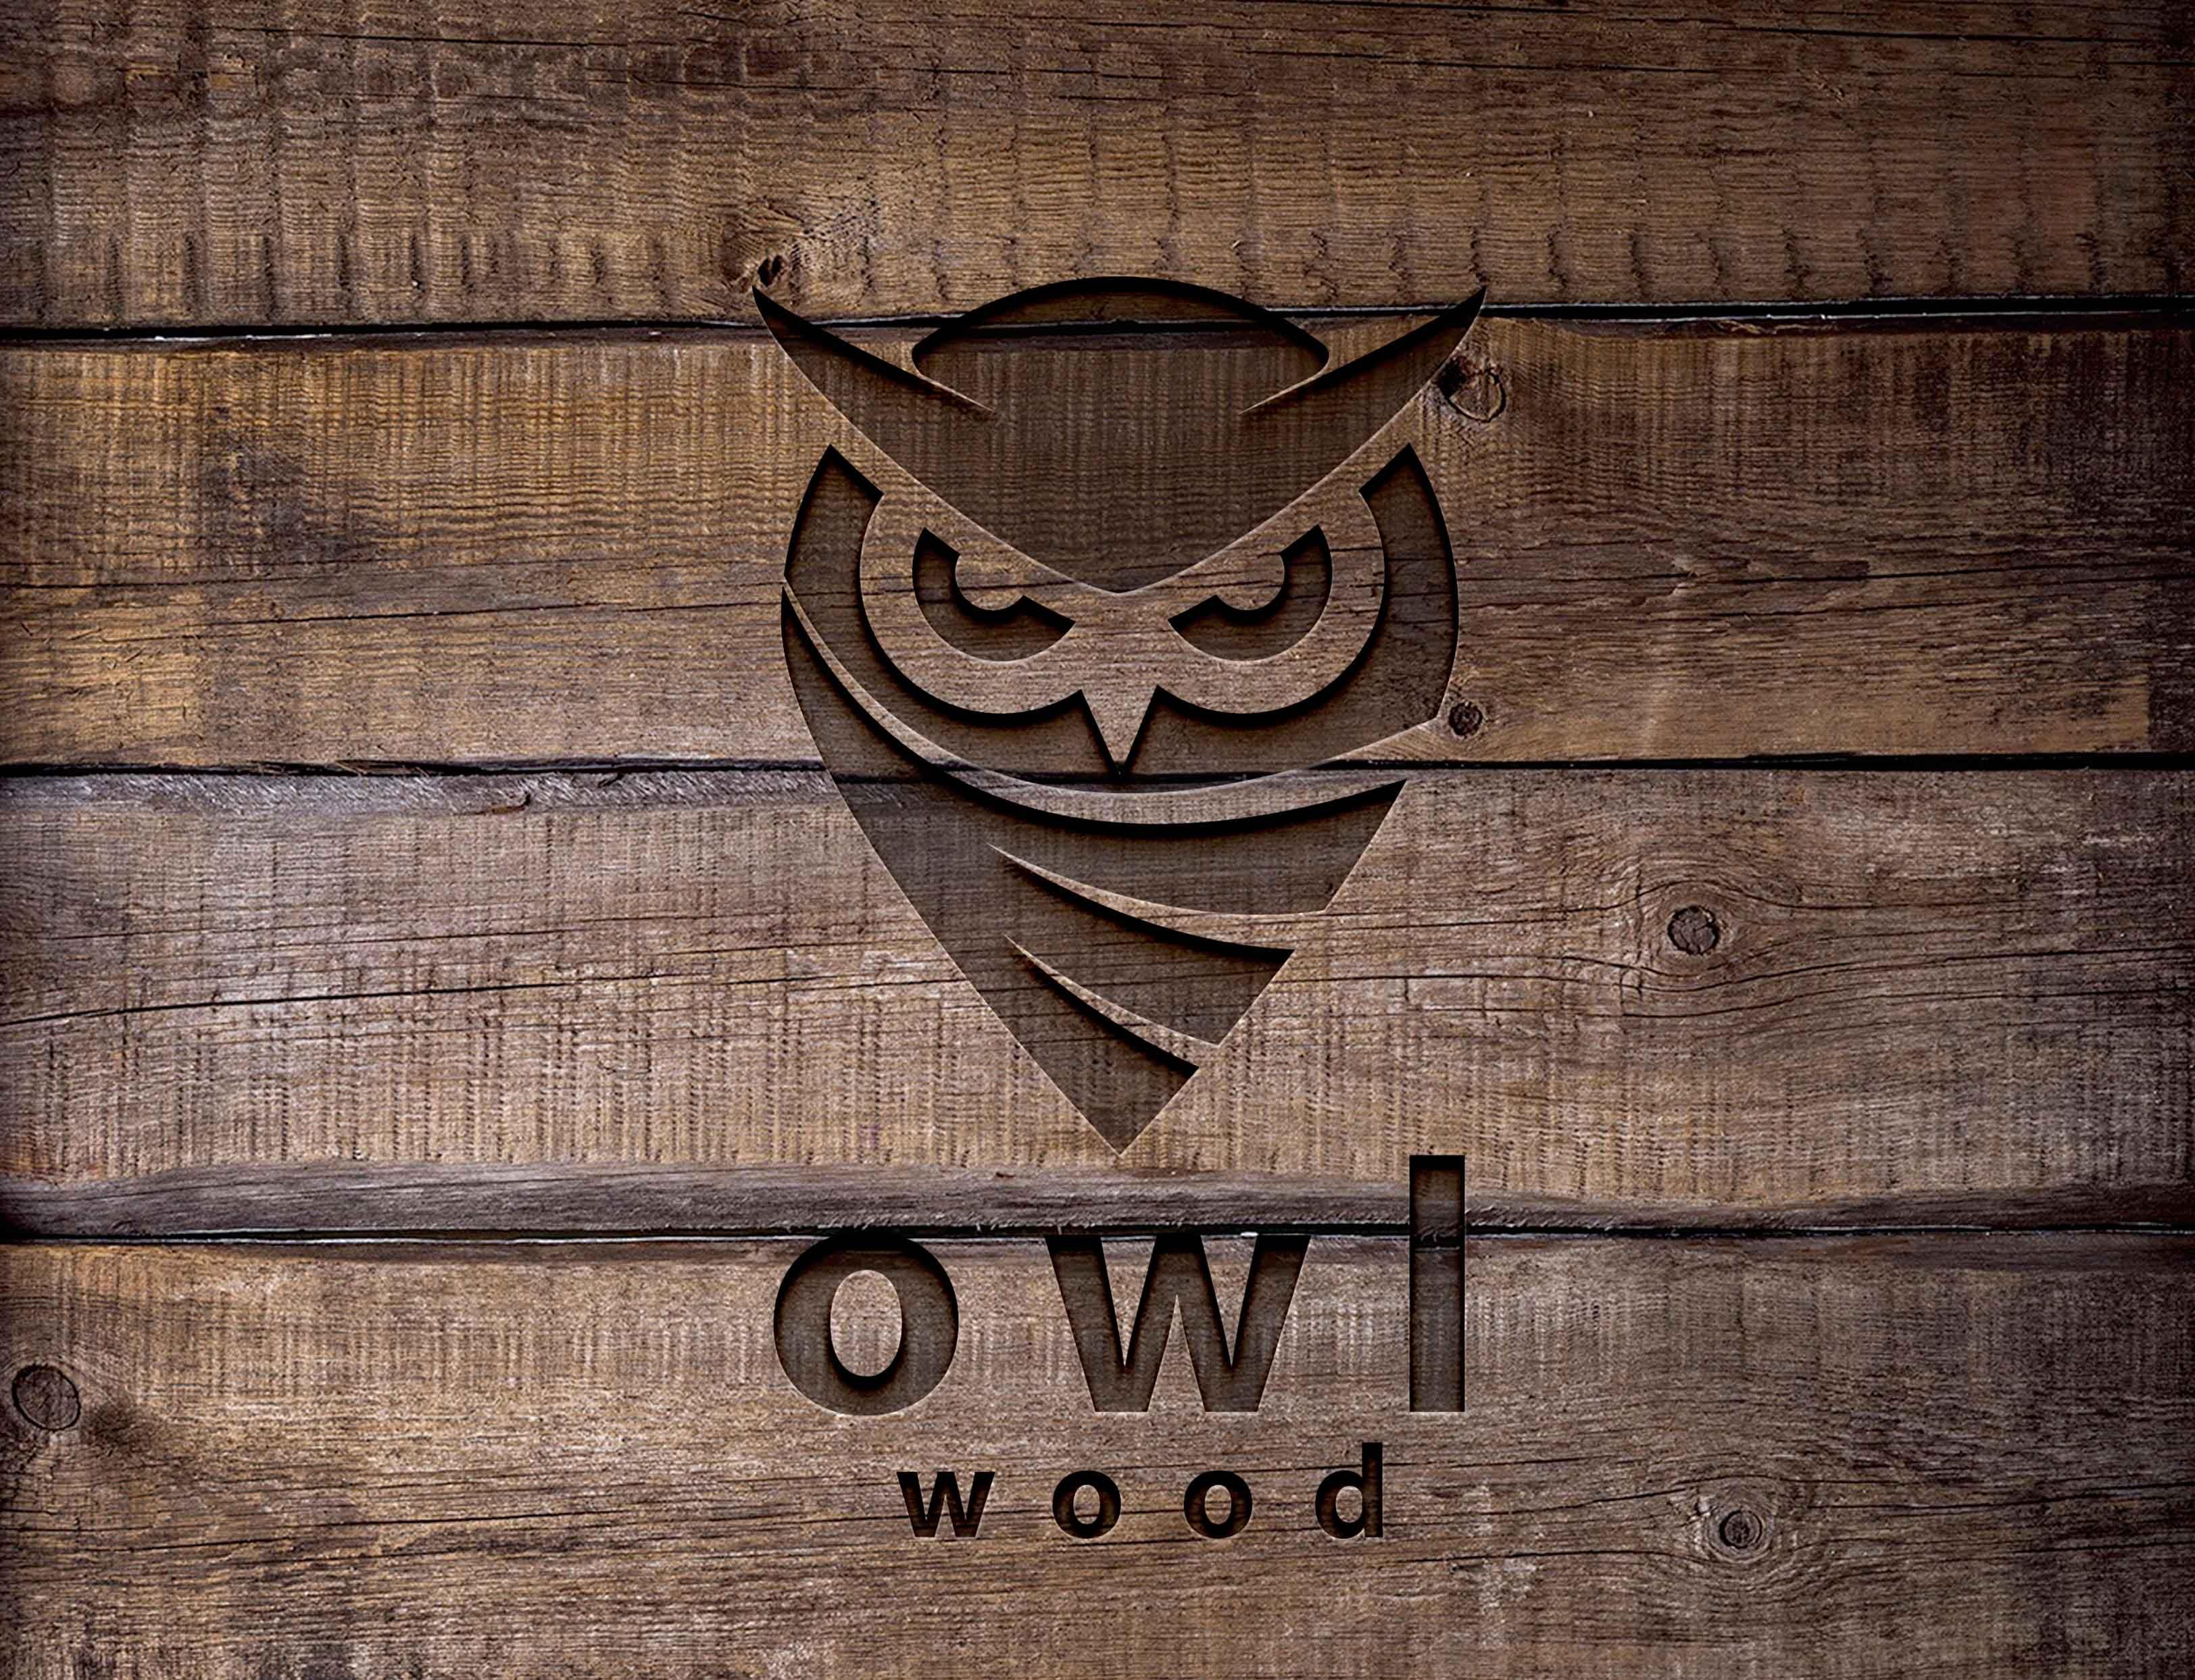 wood engraved logo mock up newarta